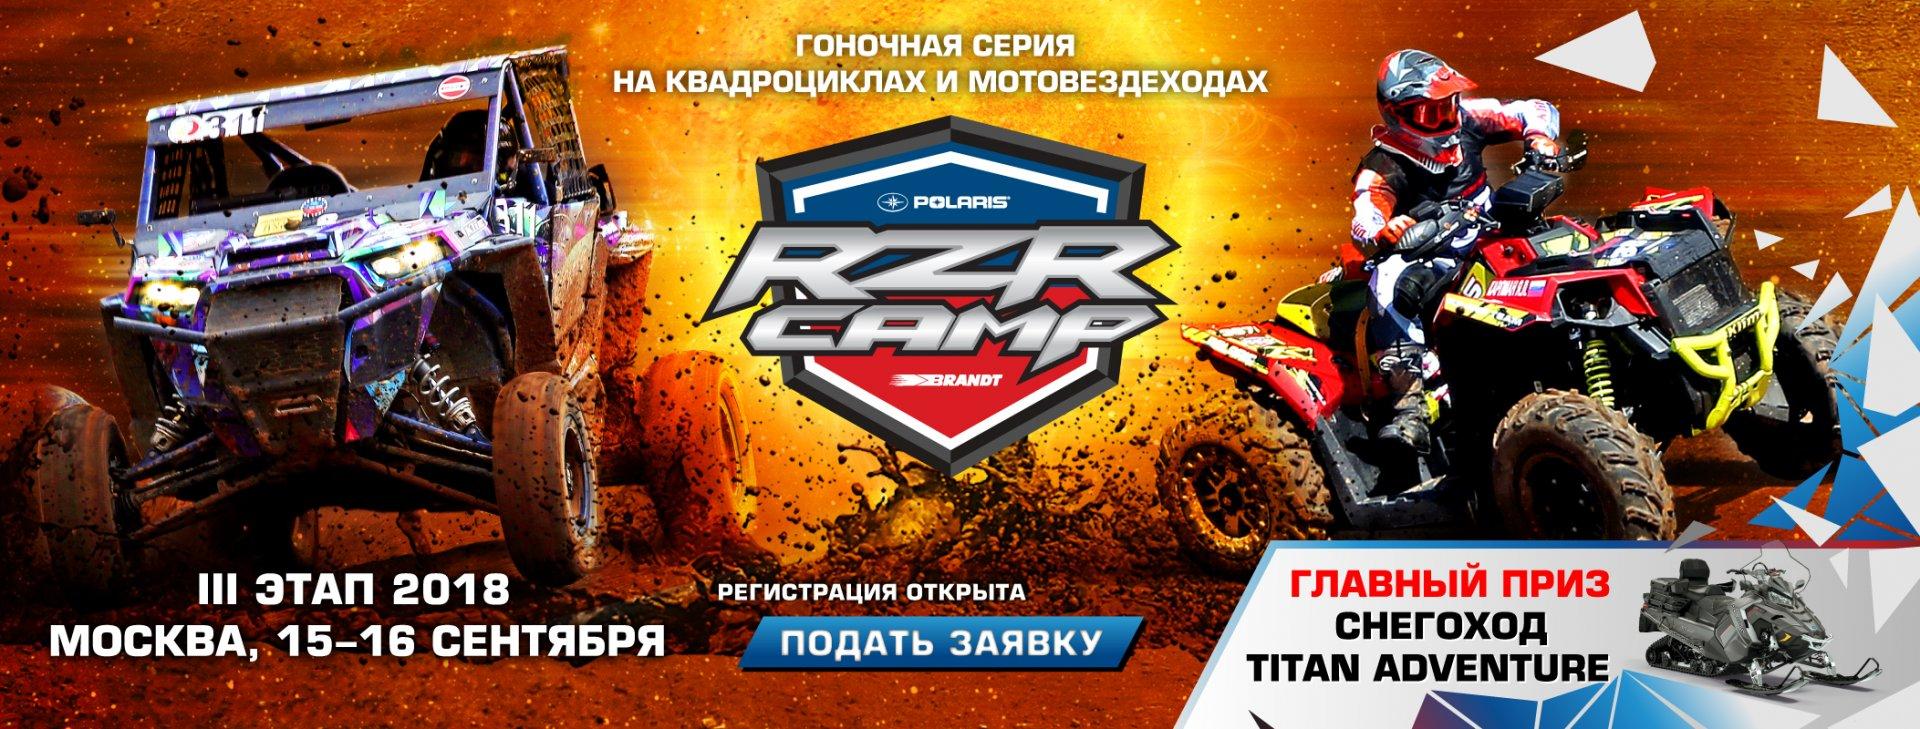 rzr-camp-2018_3-этап-Москва_rzrcamp.ru.jpg